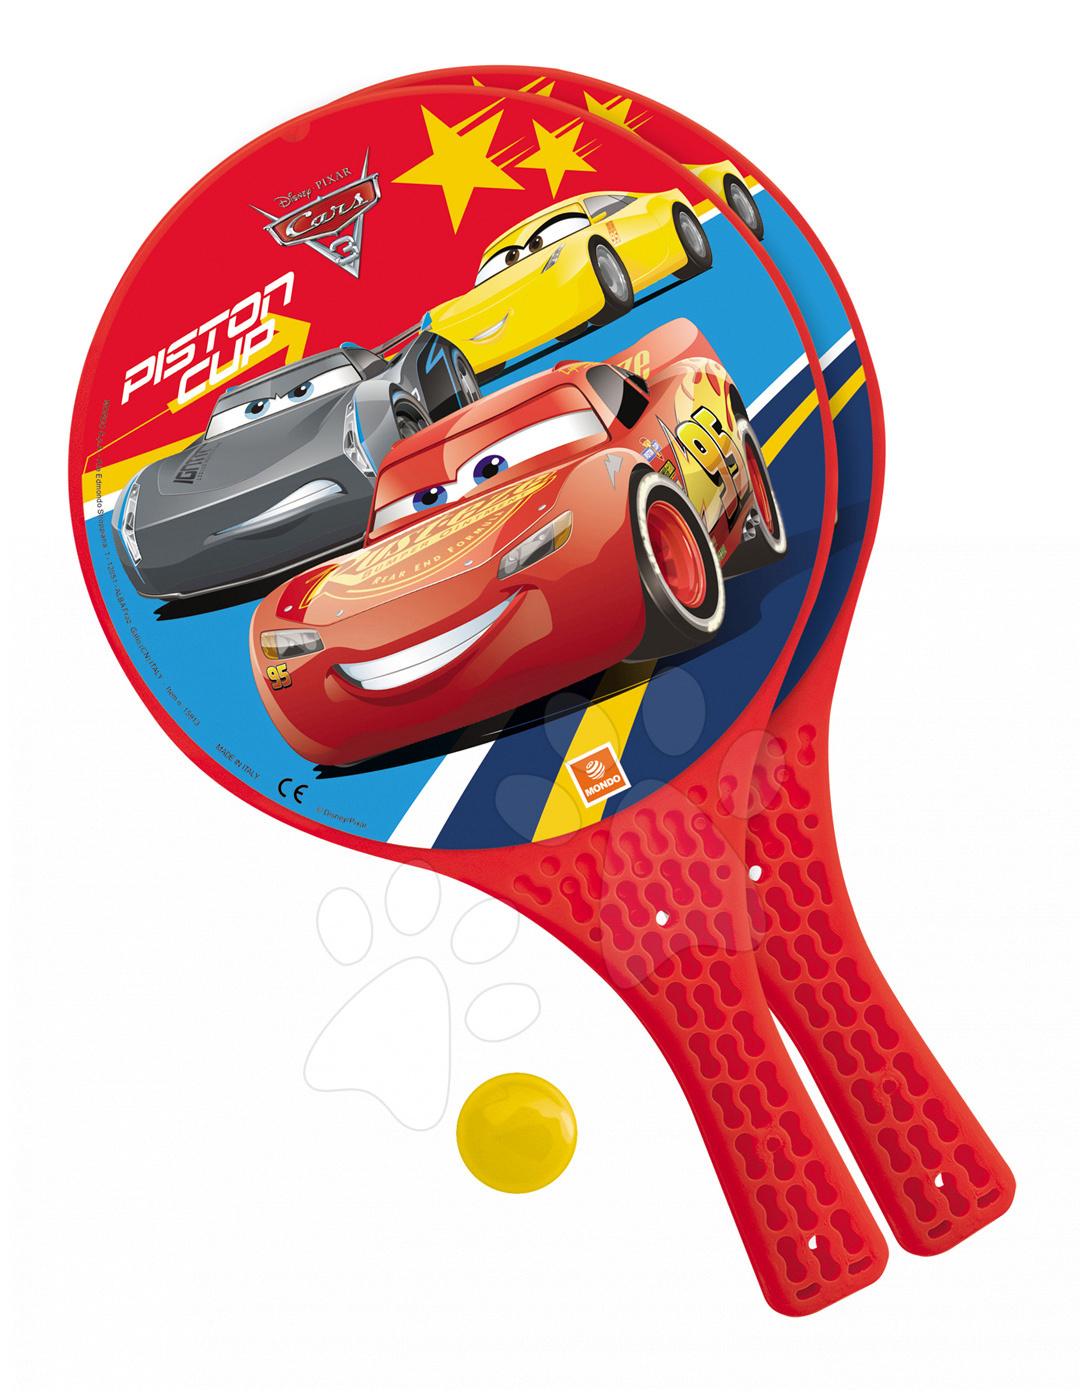 Plážový tenis set Autá Mondo s 2 raketami a loptičkou